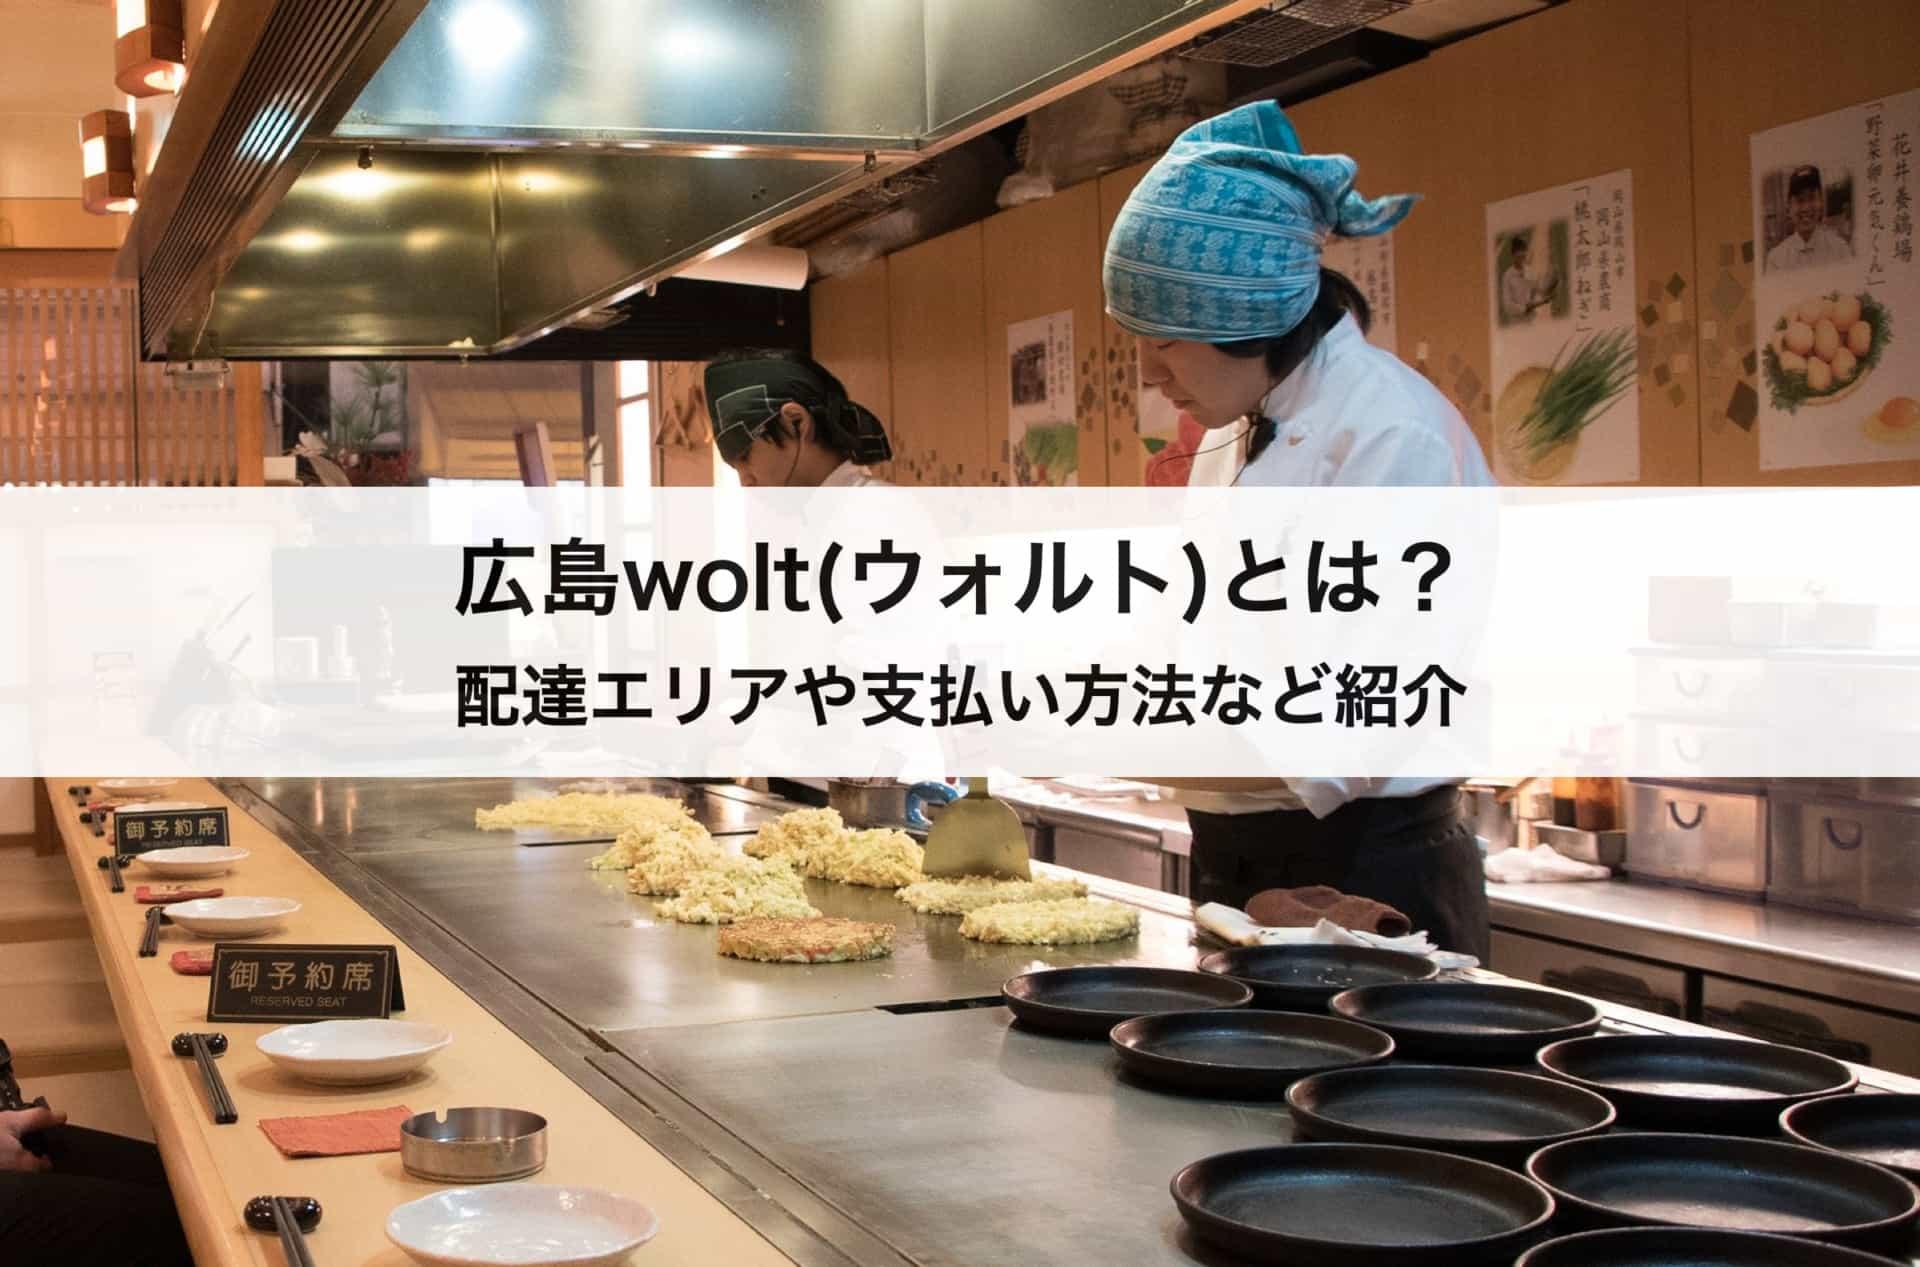 【広島】Wolt(ウォルト)とは?デリバリーの配達エリアや支払い方法なども紹介します!